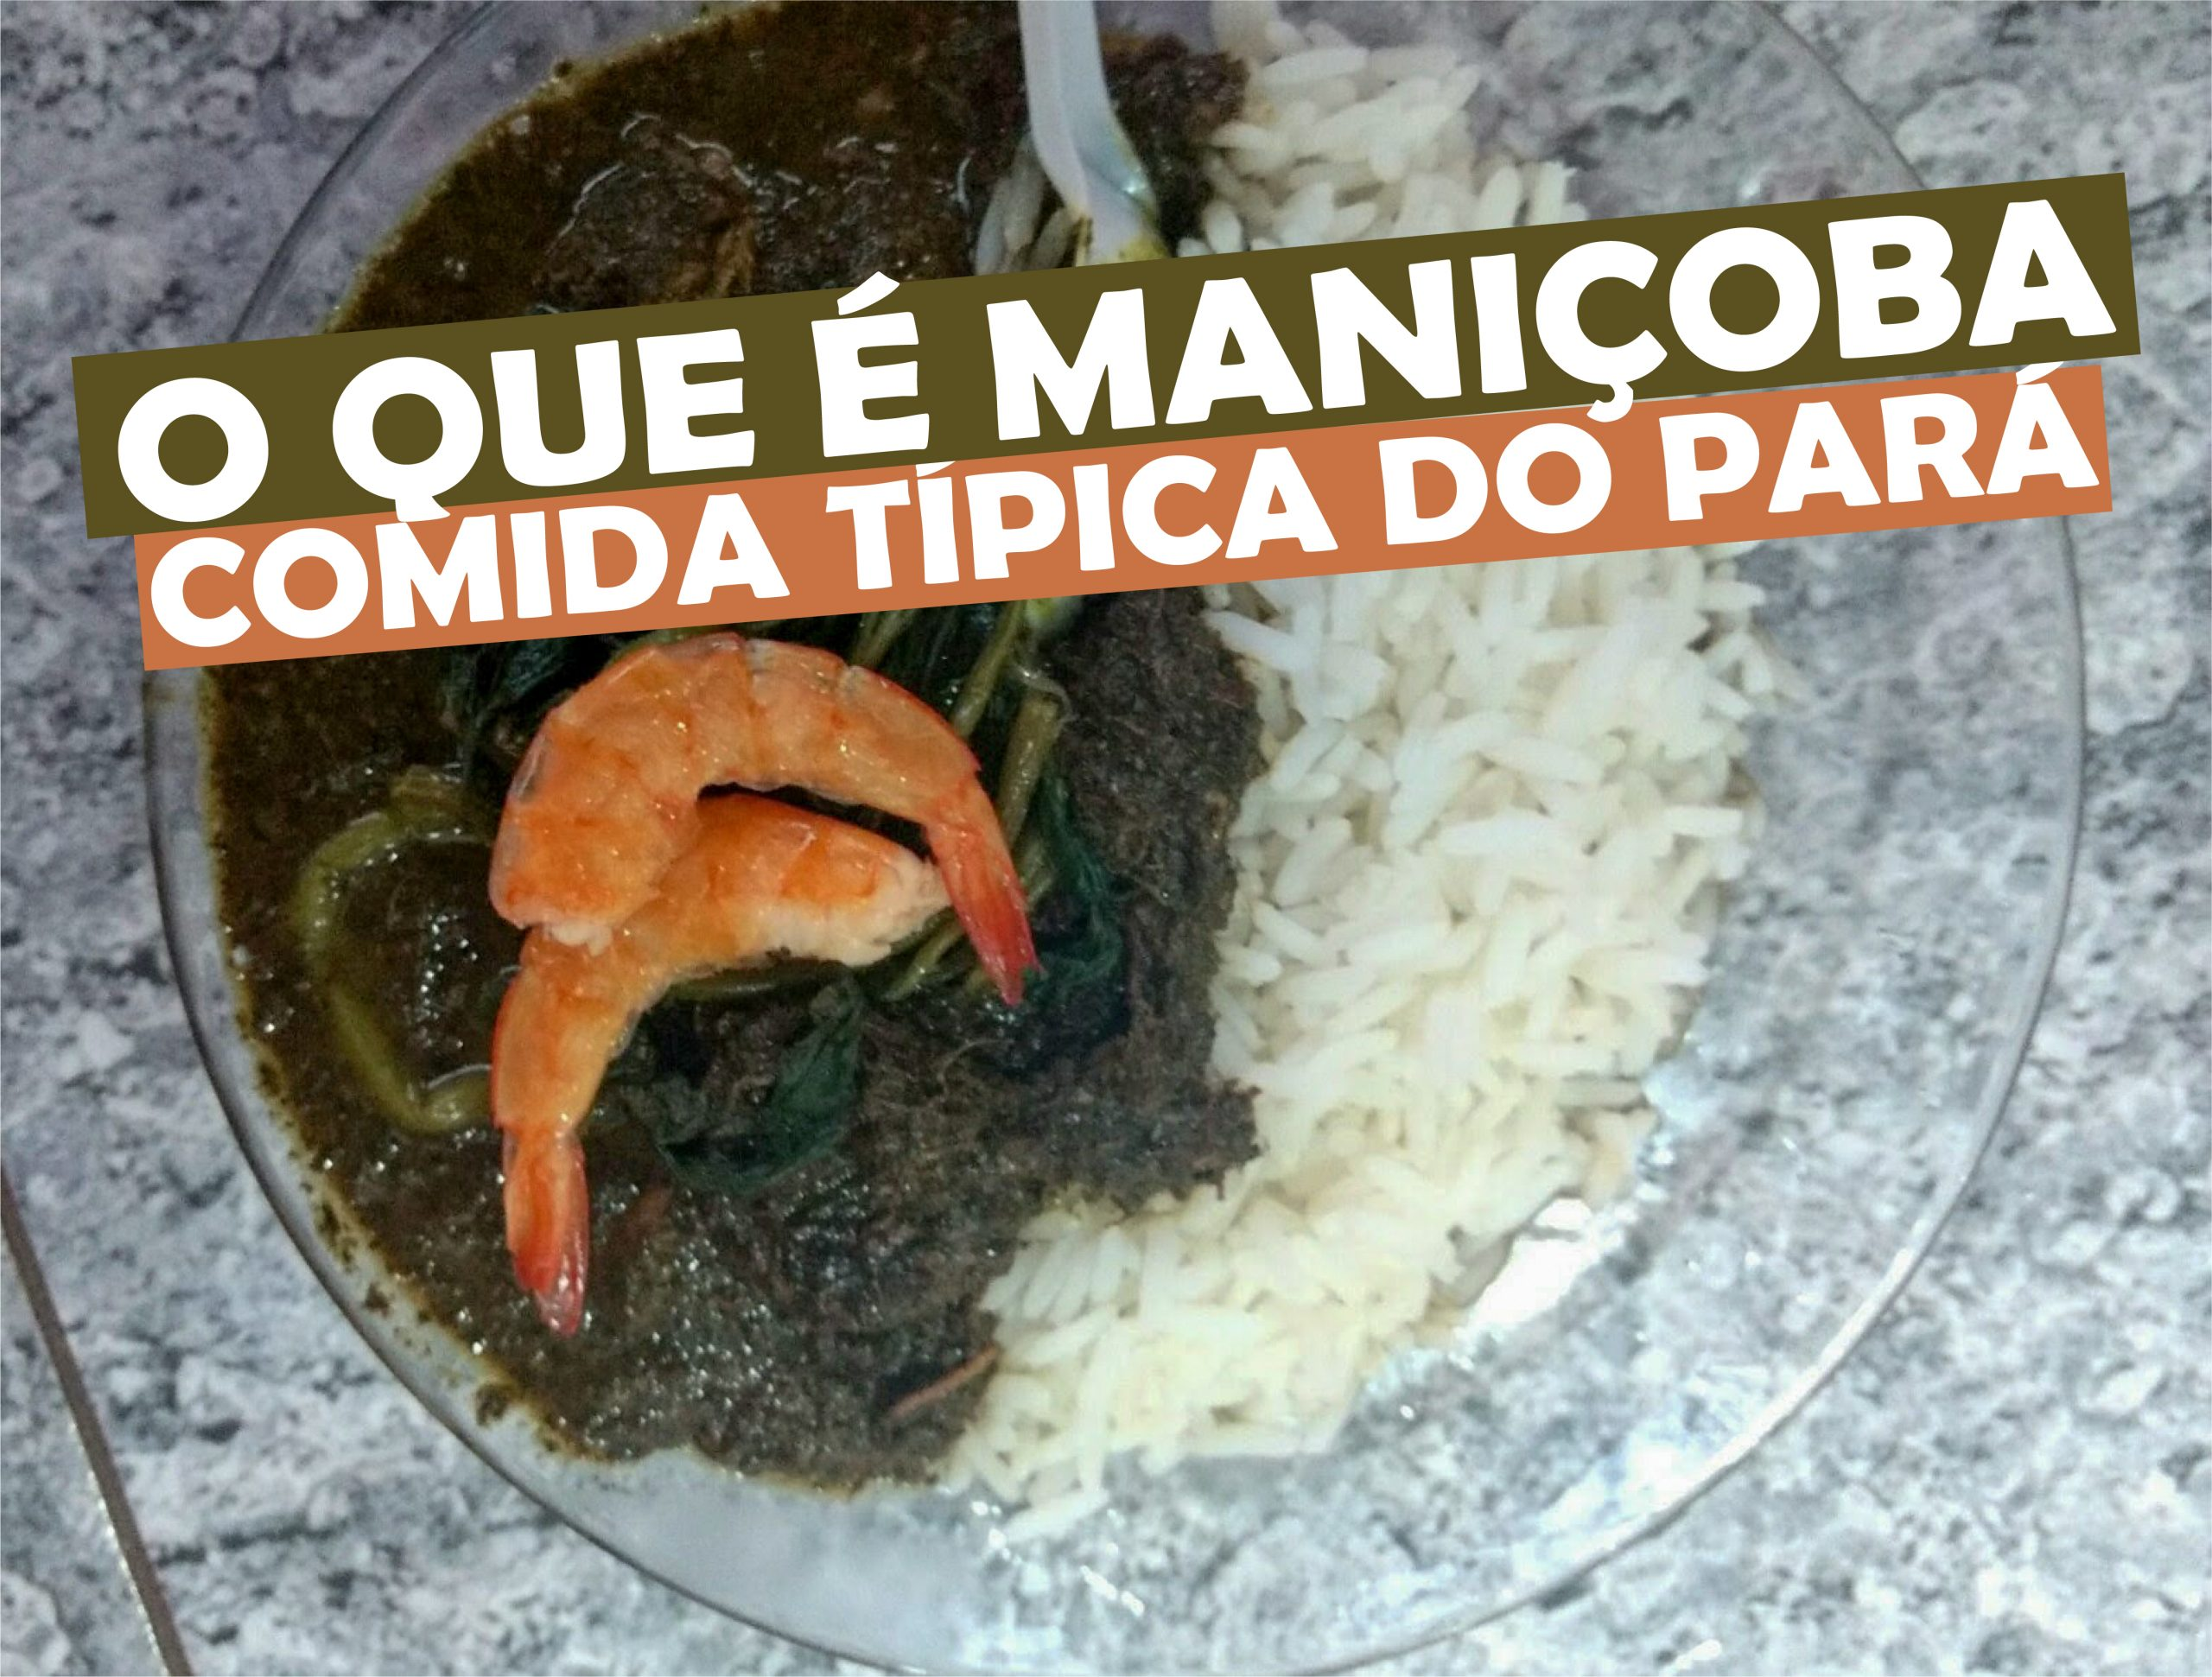 O que é Maniçoba, comida típica do Pará